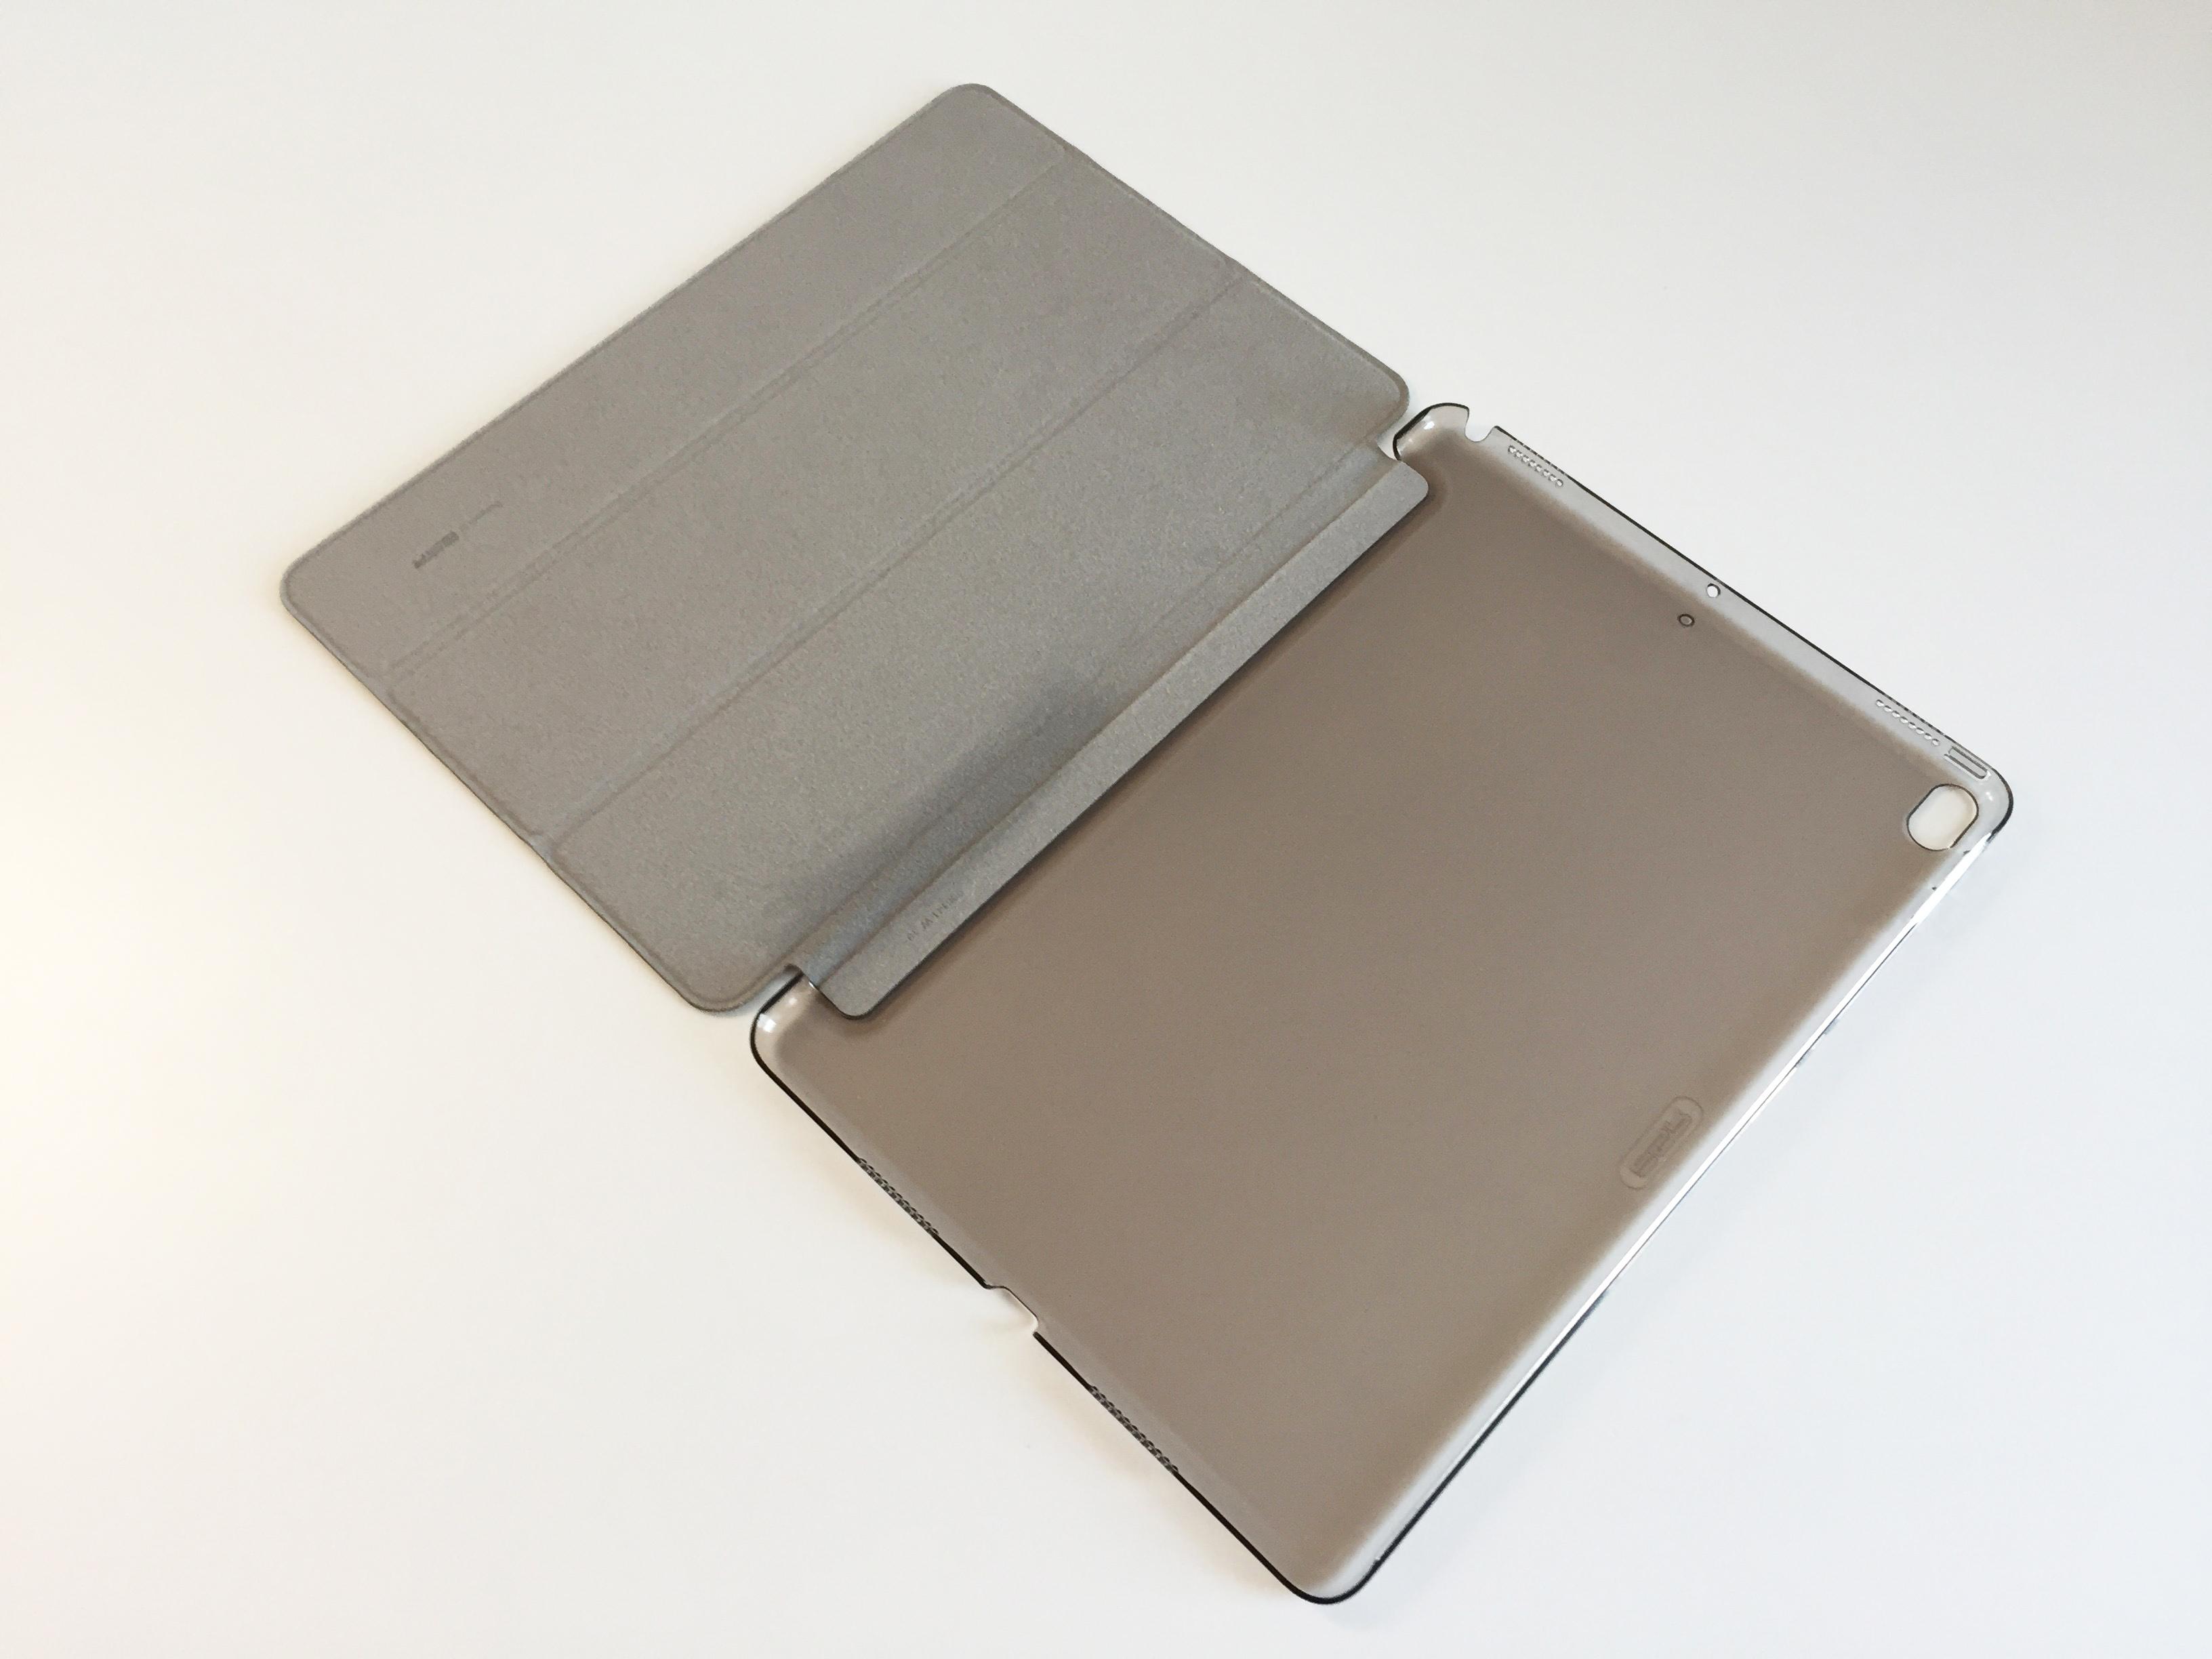 20170820 Première prise en main de l'iPad Pro 10,5'' 21